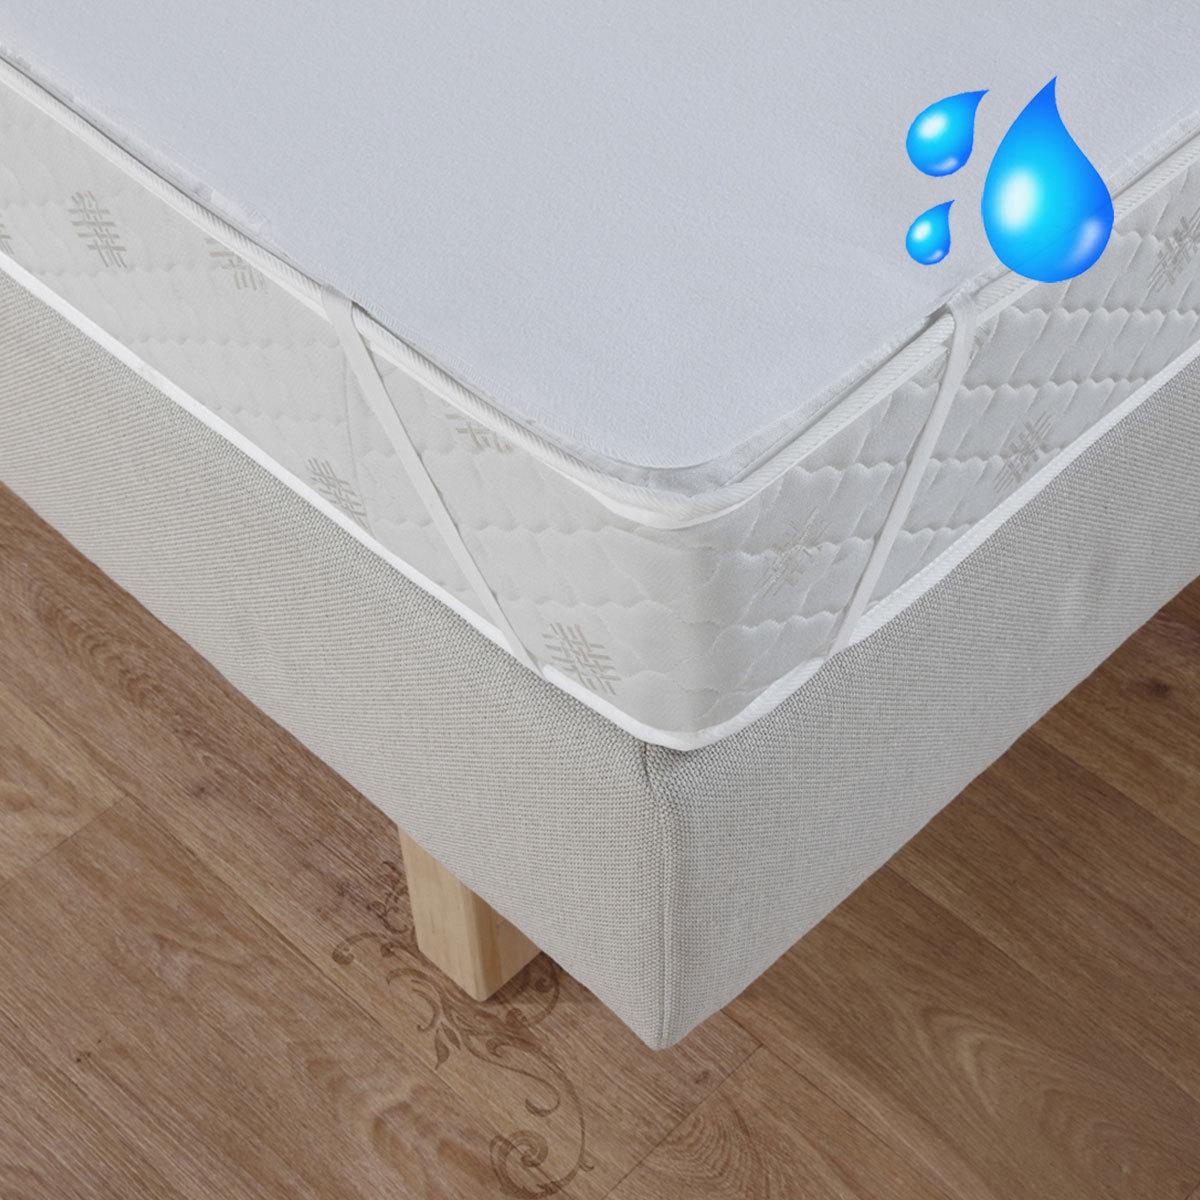 mistral home wasserdichte matratzenauflage g nstig online kaufen bei bettwaren shop. Black Bedroom Furniture Sets. Home Design Ideas